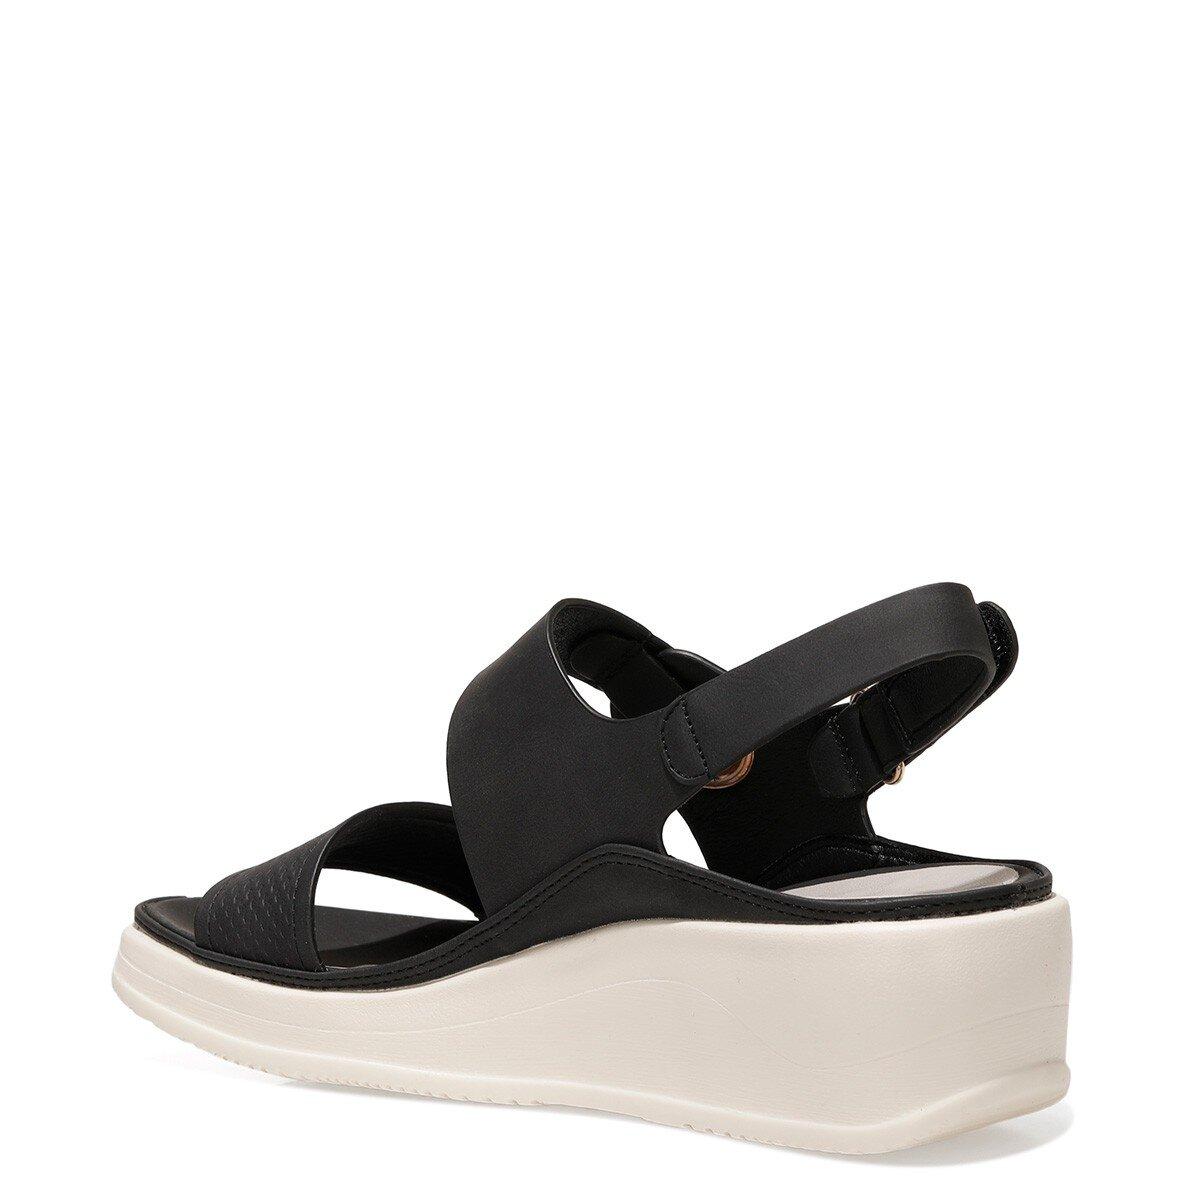 ACADDA 1FX Siyah Kadın Kalın Taban Sandalet